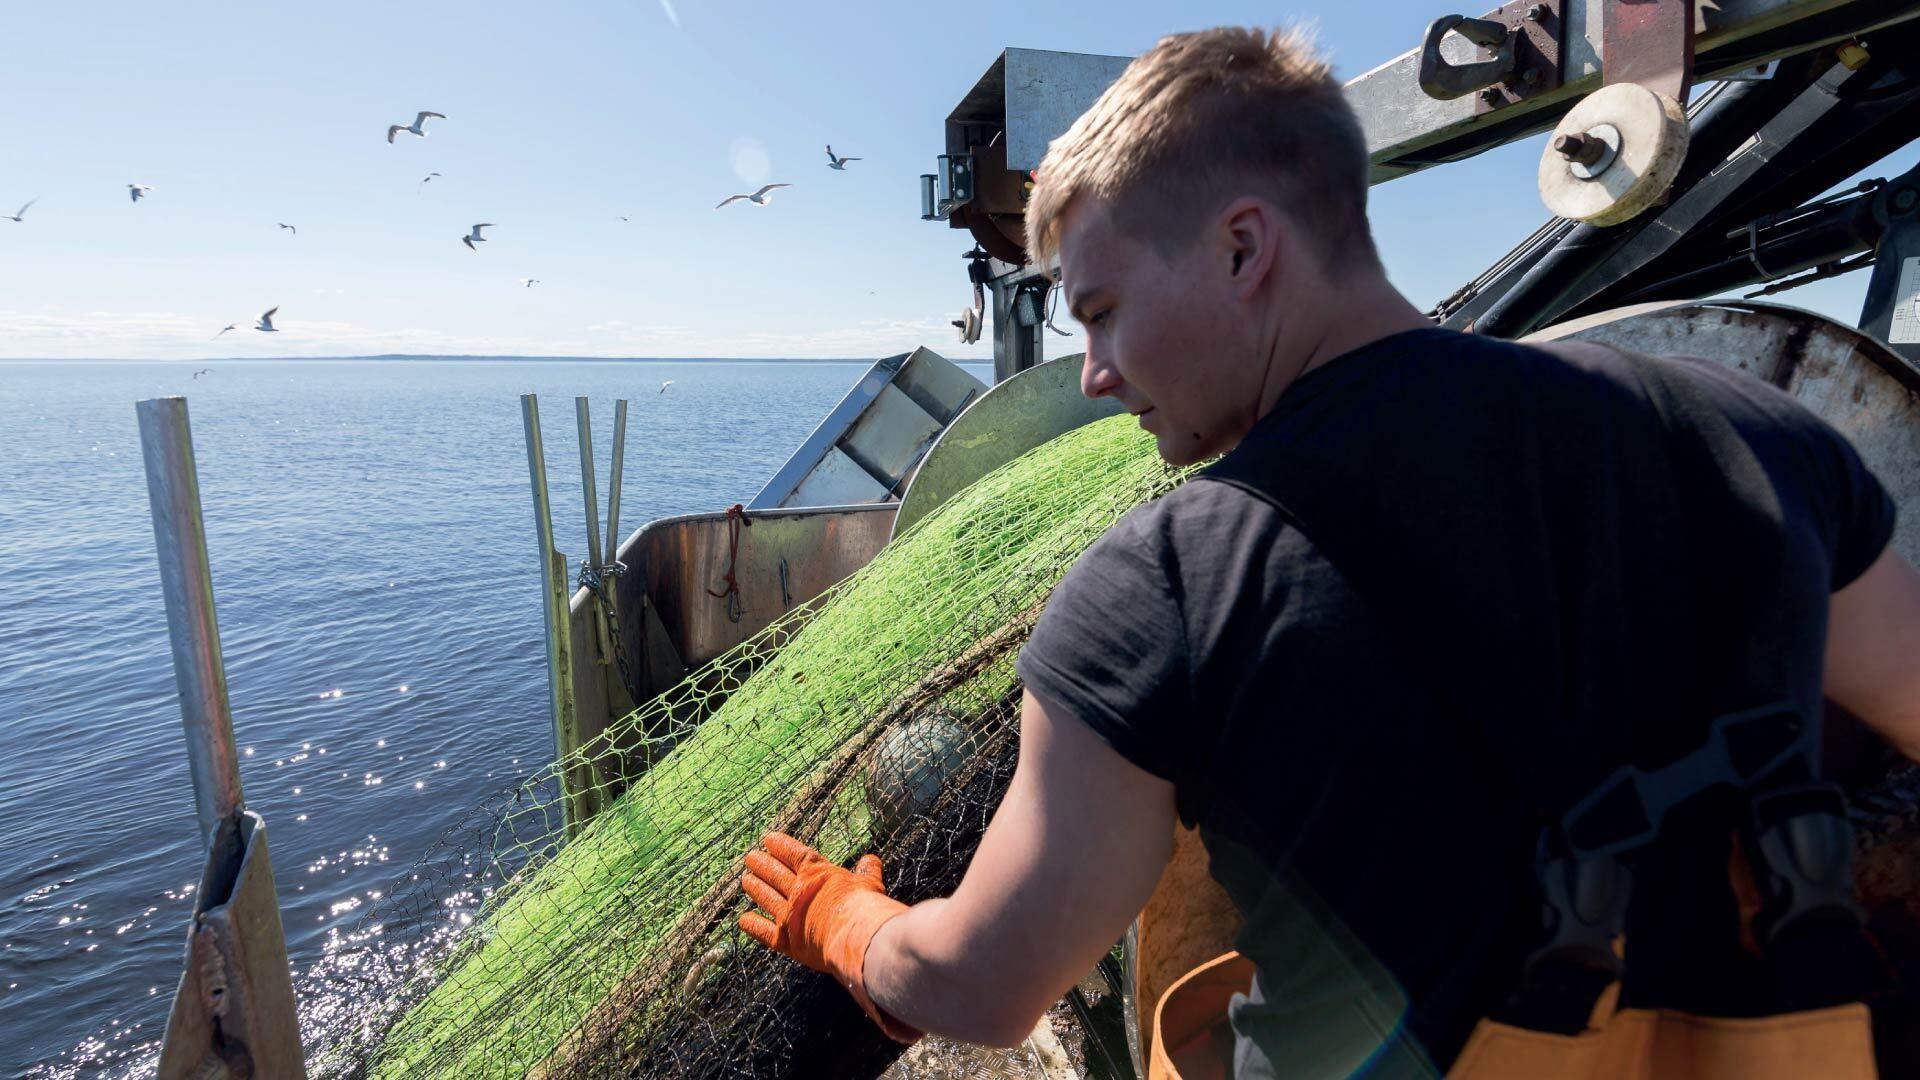 Hätälän kalastaja Jarkko Ålander troolaamassa